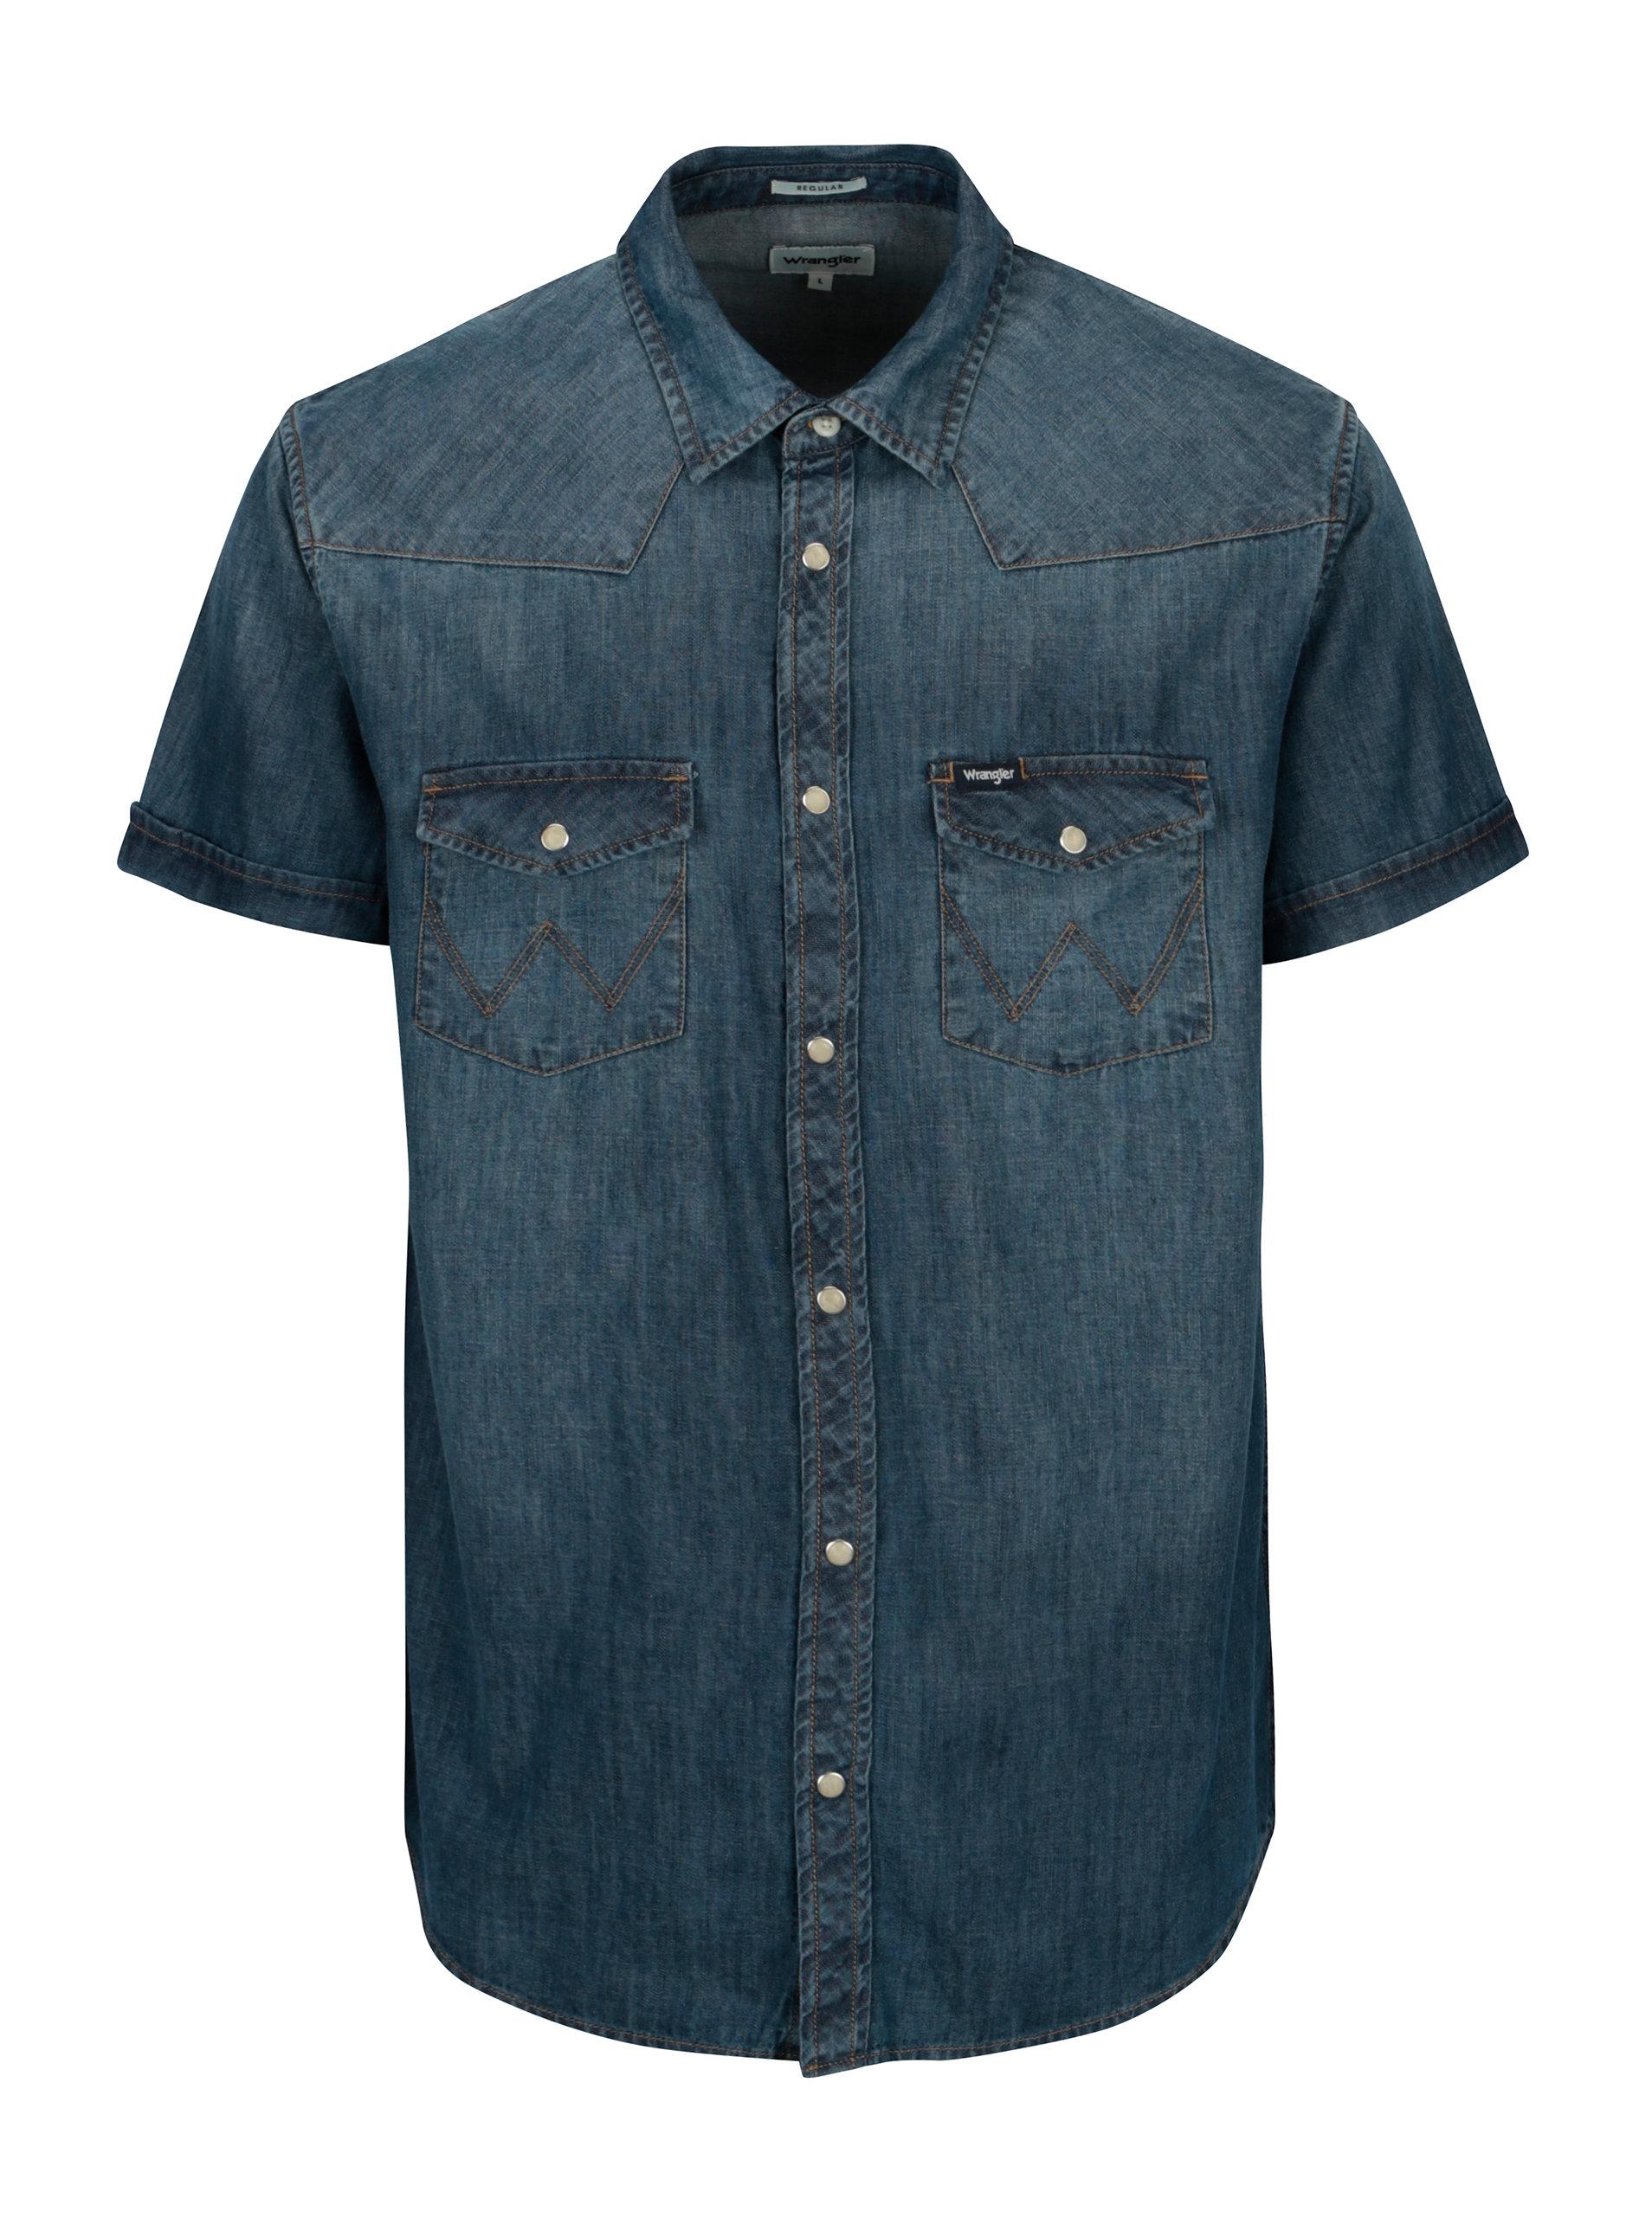 5535d5f7f823 Modrá pánska rifľová regular fit košeľa Wrangler Western ...